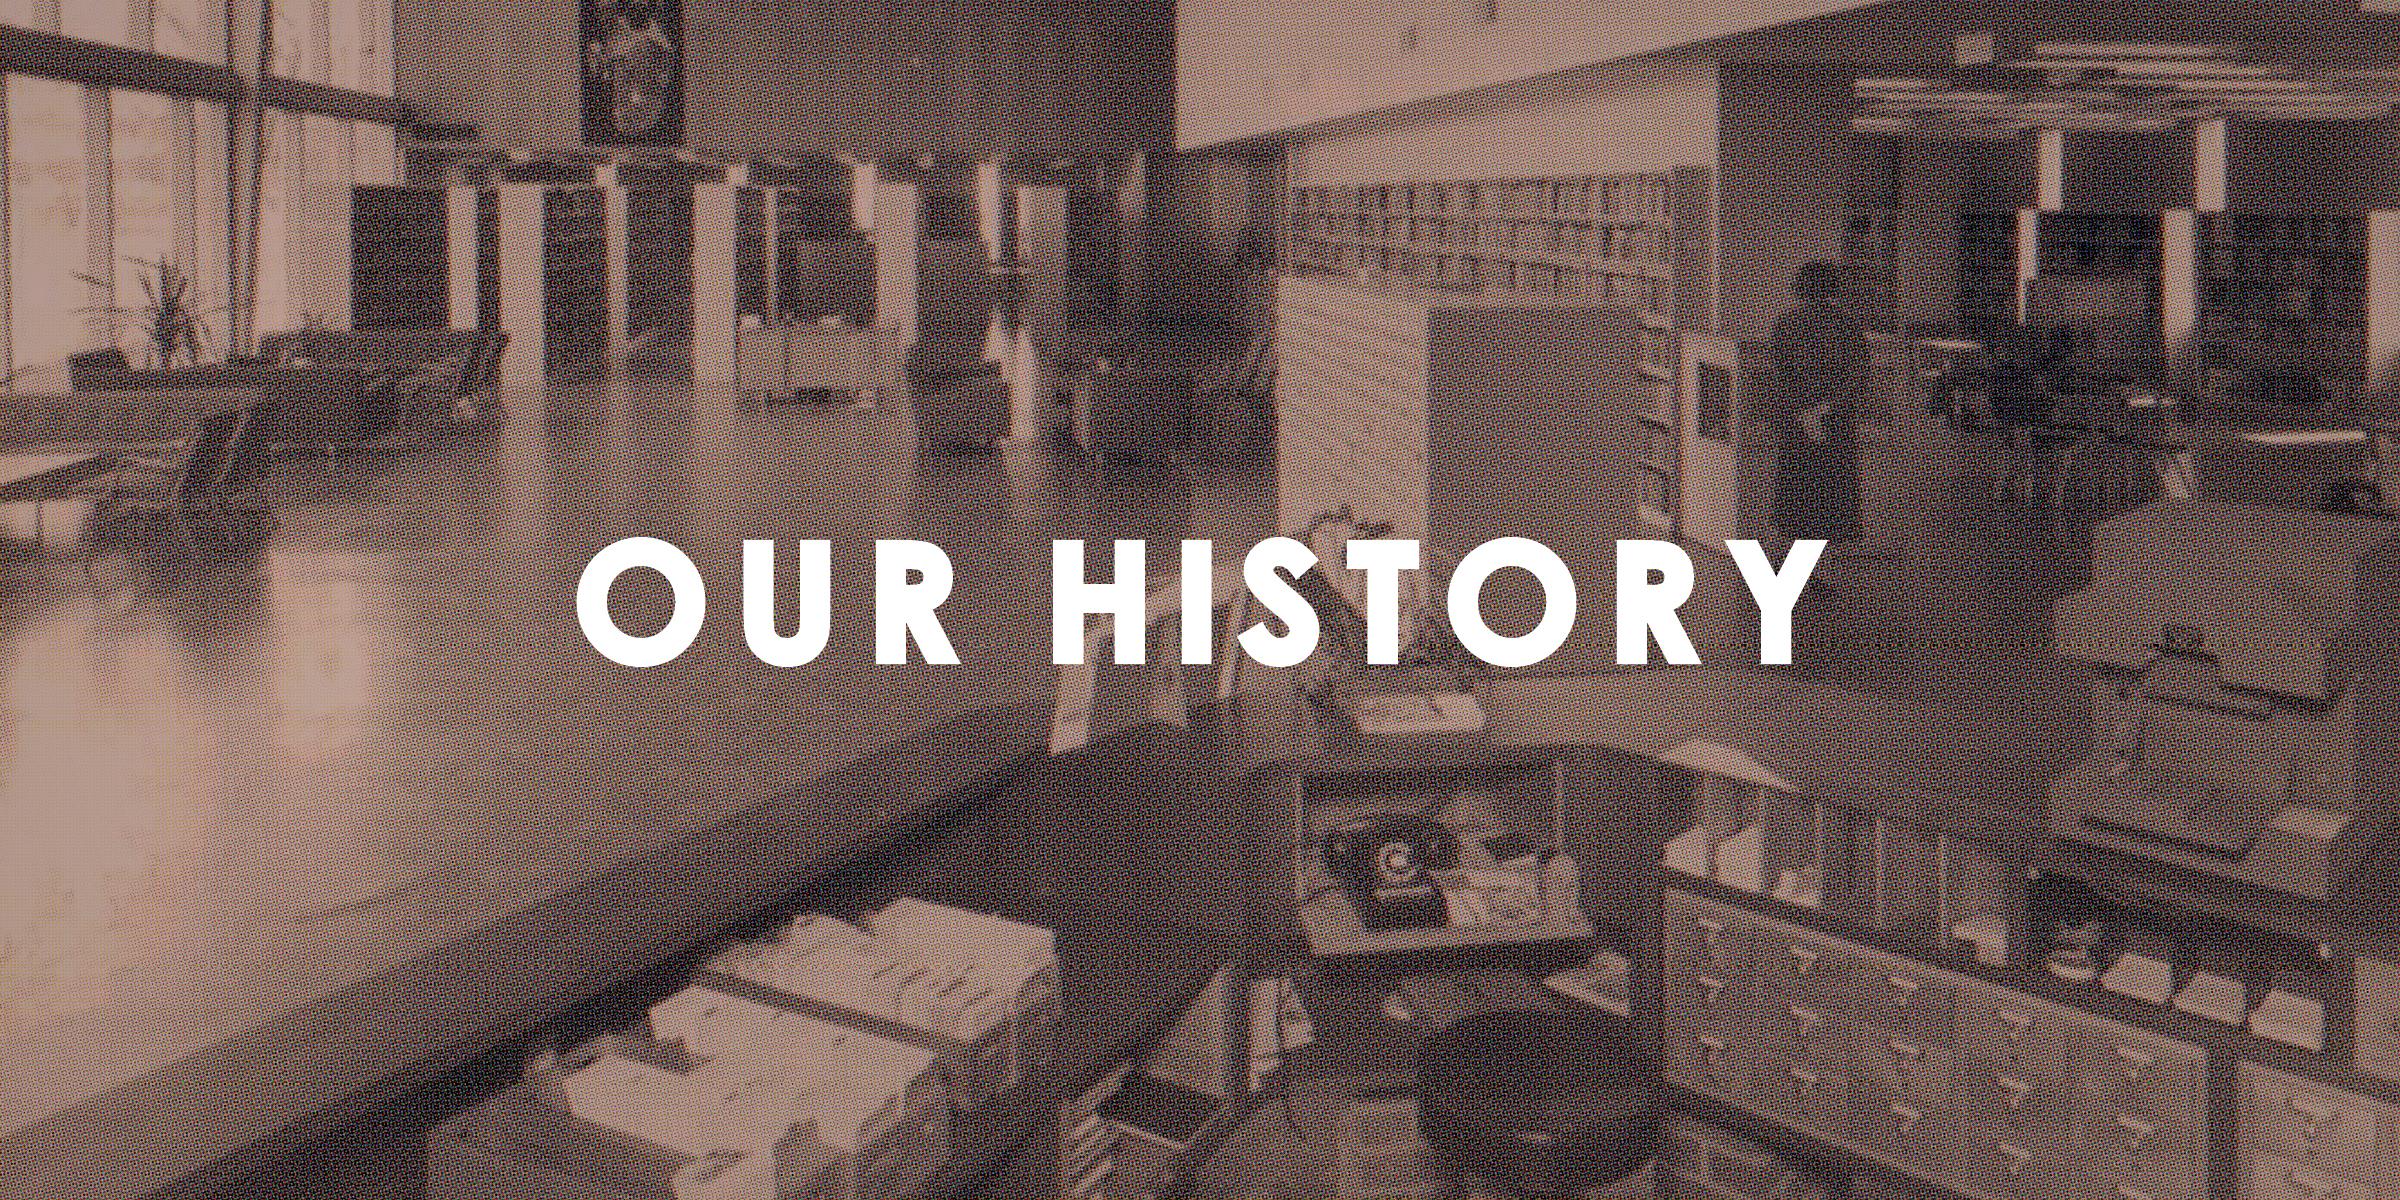 OUR HISTORY HORIZ WHITE.jpg